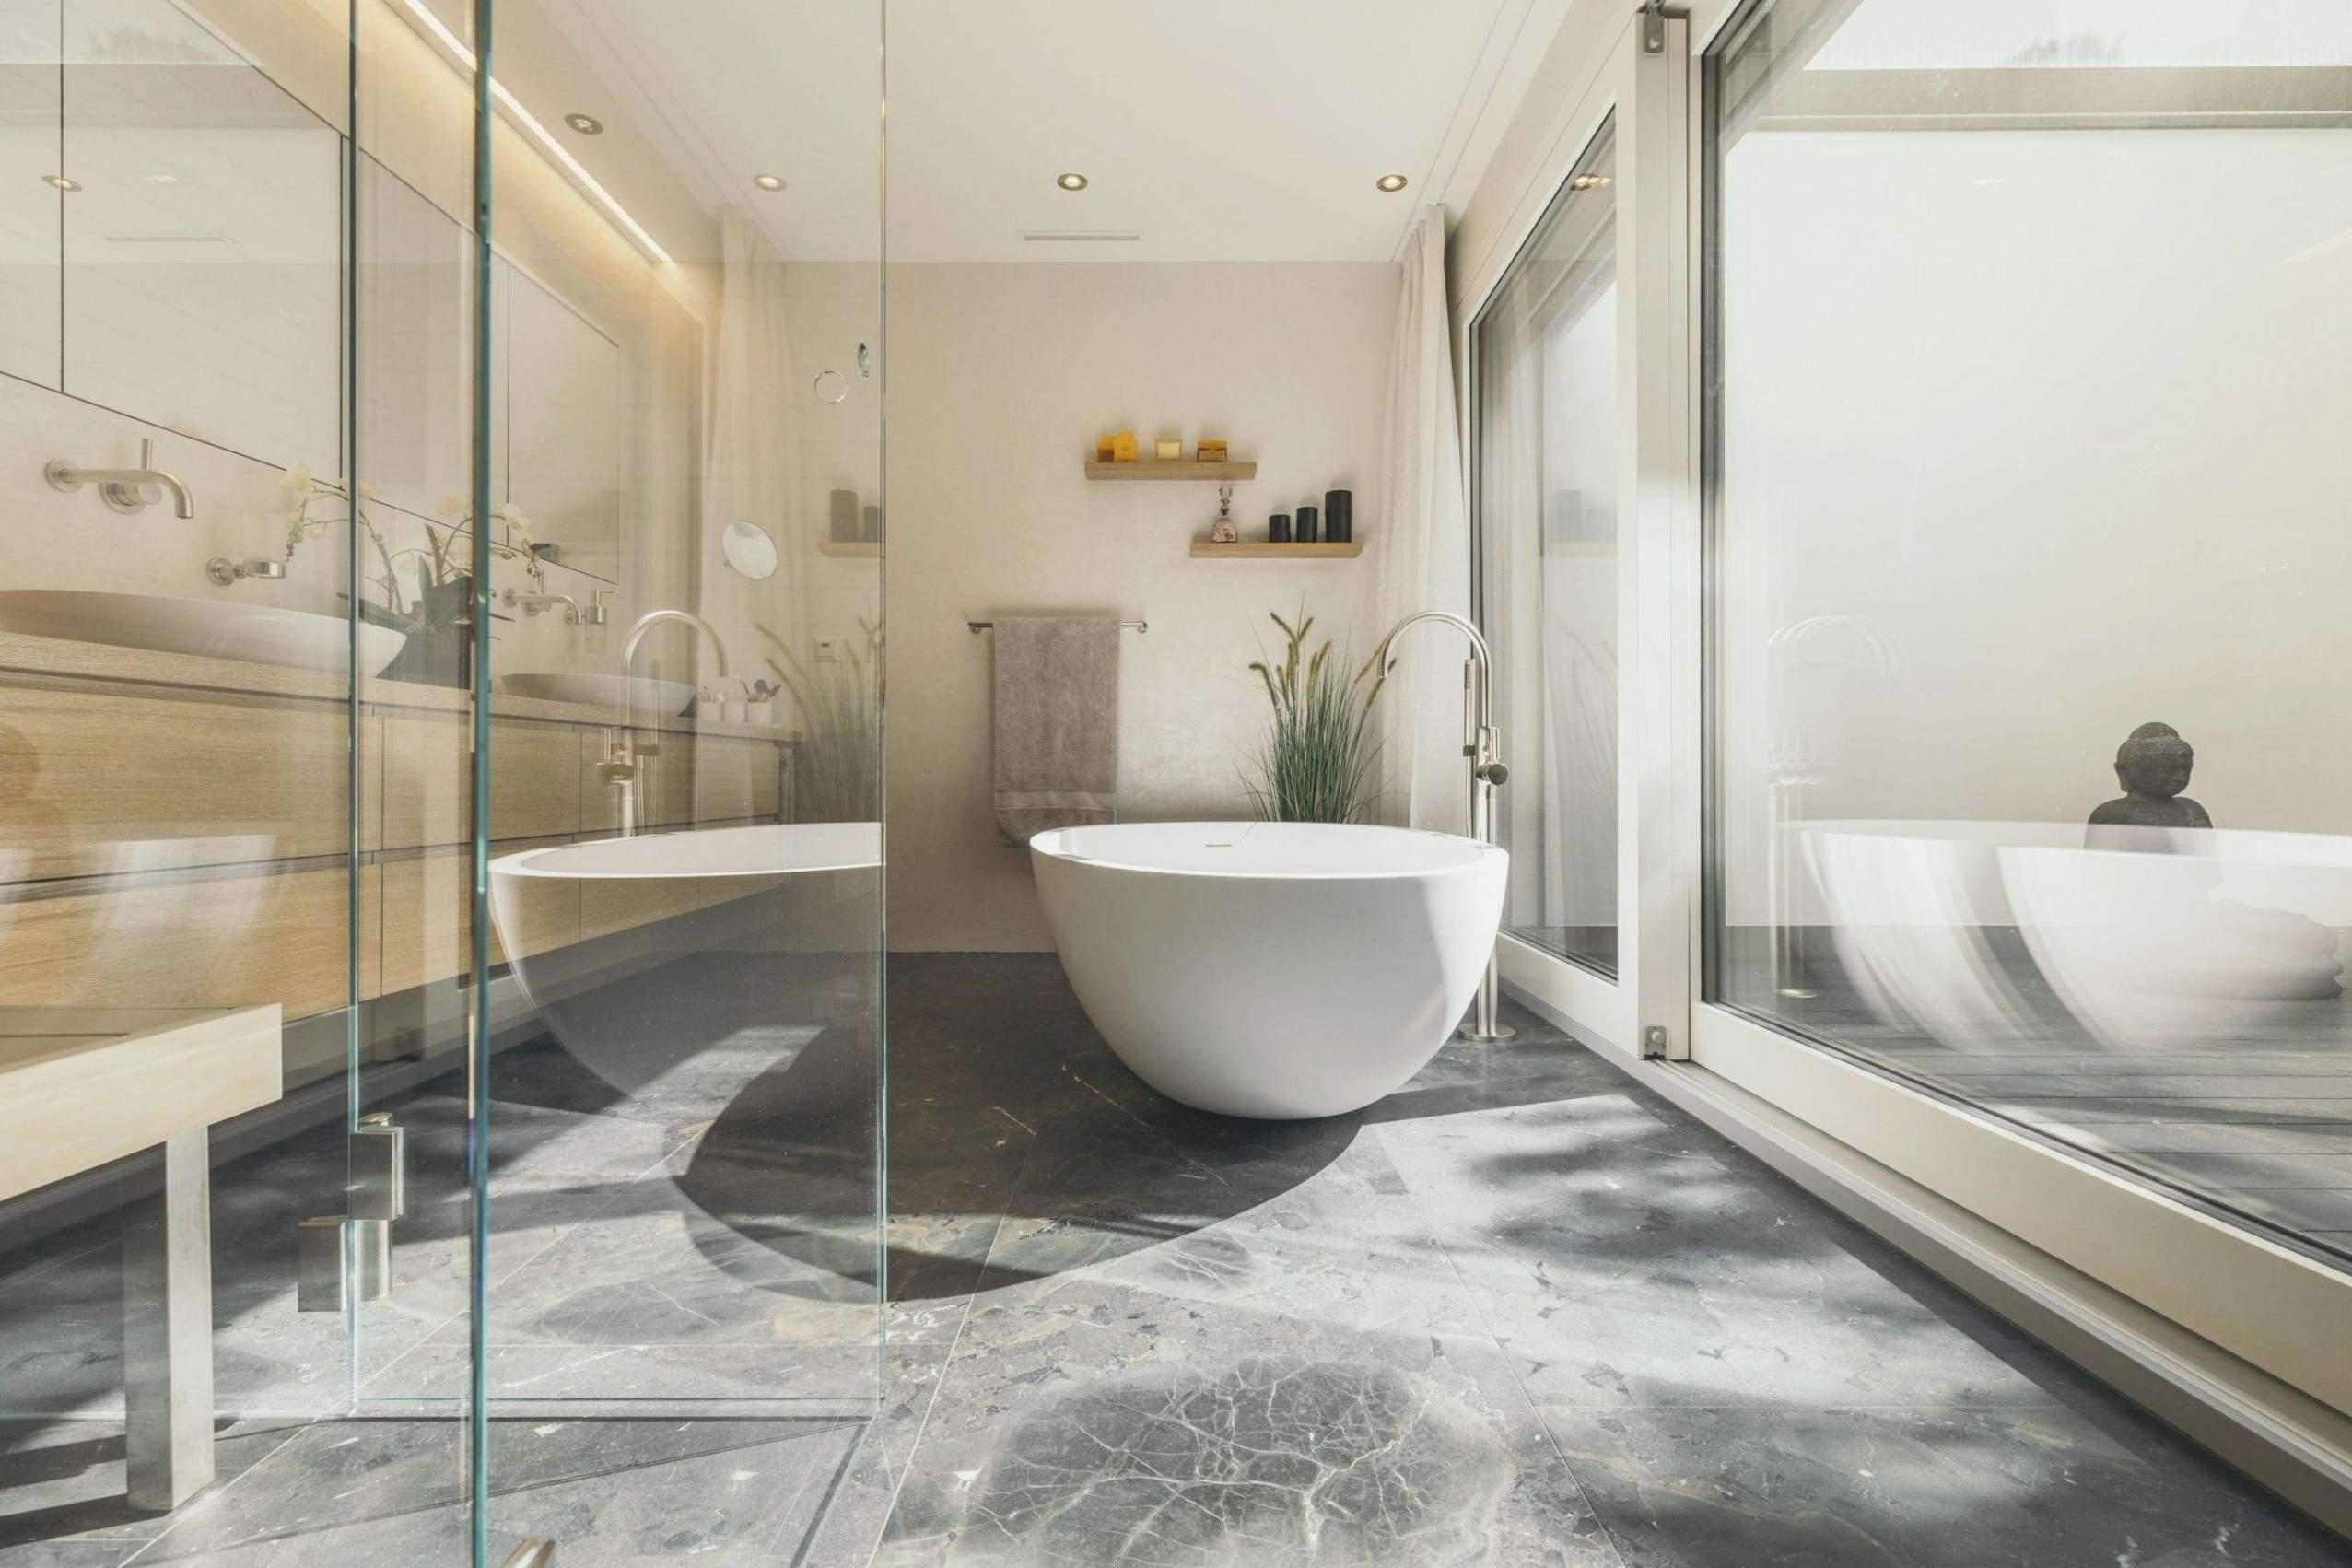 48 luxus beleuchtung dusche japanische badewanne kaufen japanische badewanne kaufen